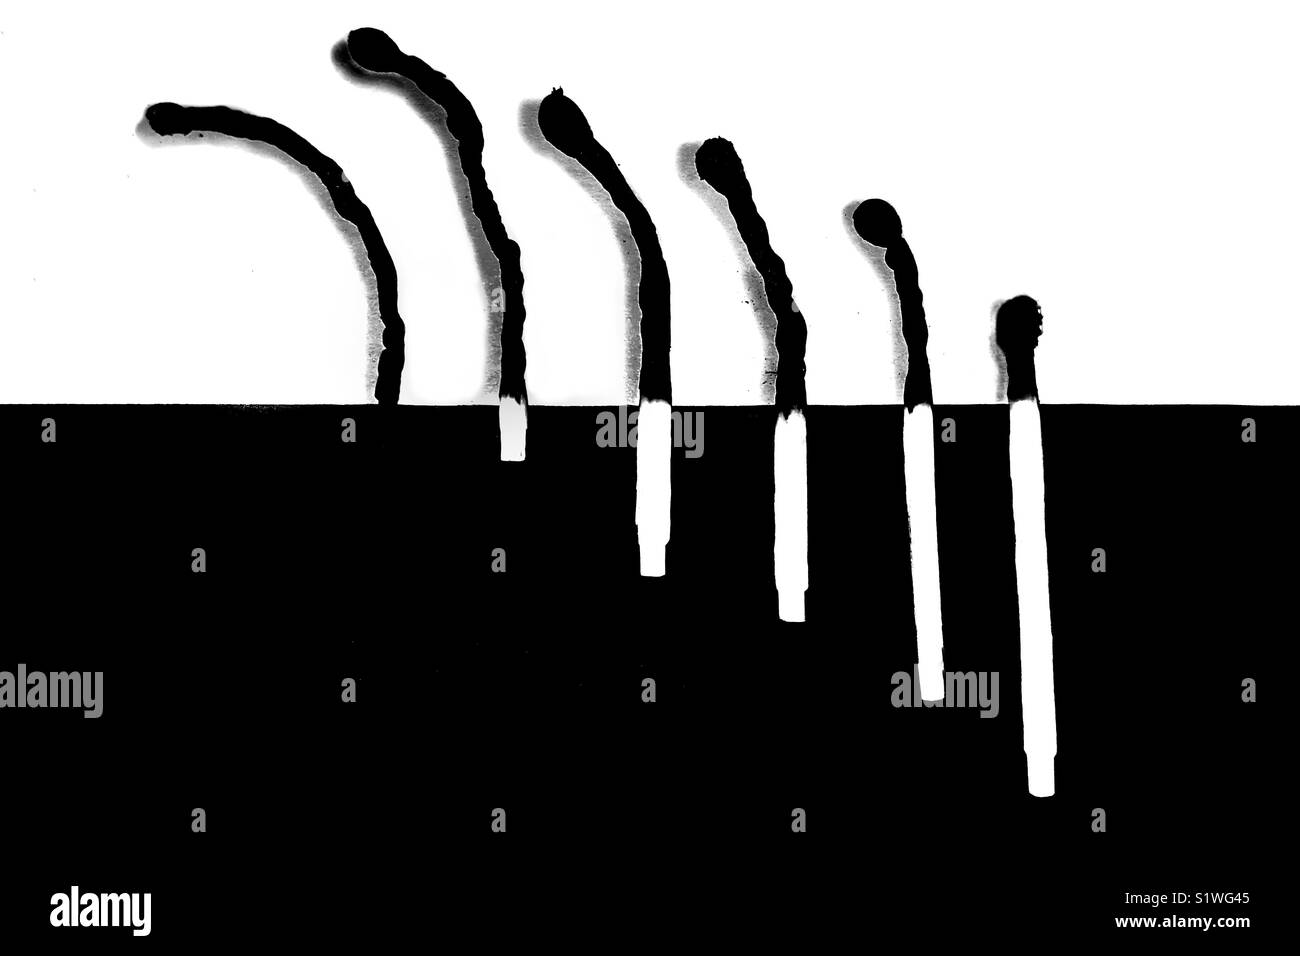 Vida y muerte en blanco y negro Imagen De Stock